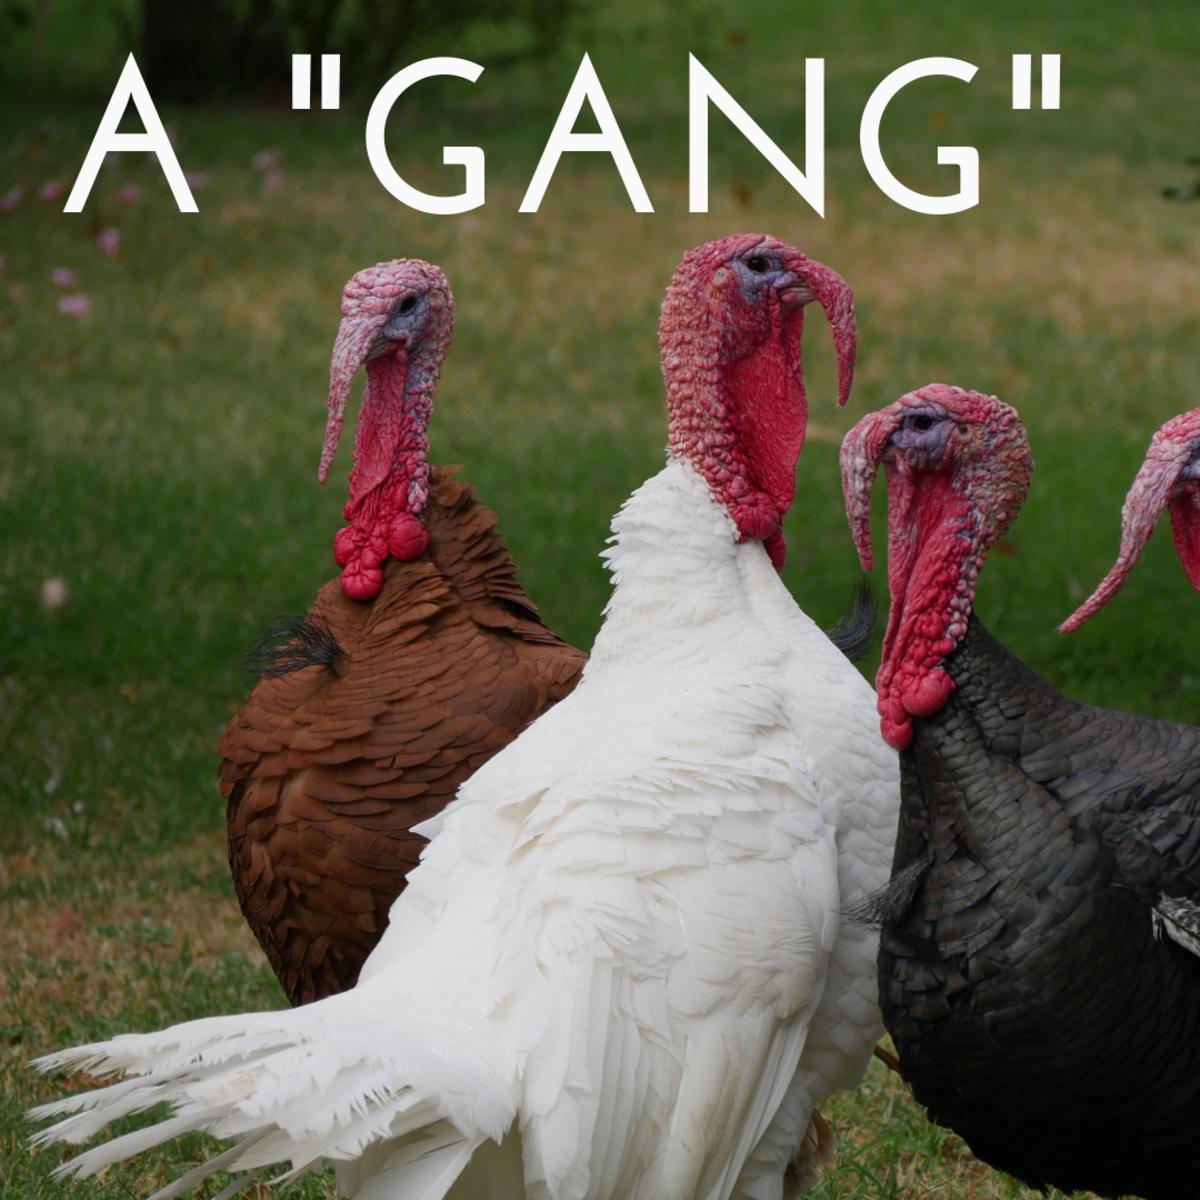 A gang of turkeys.